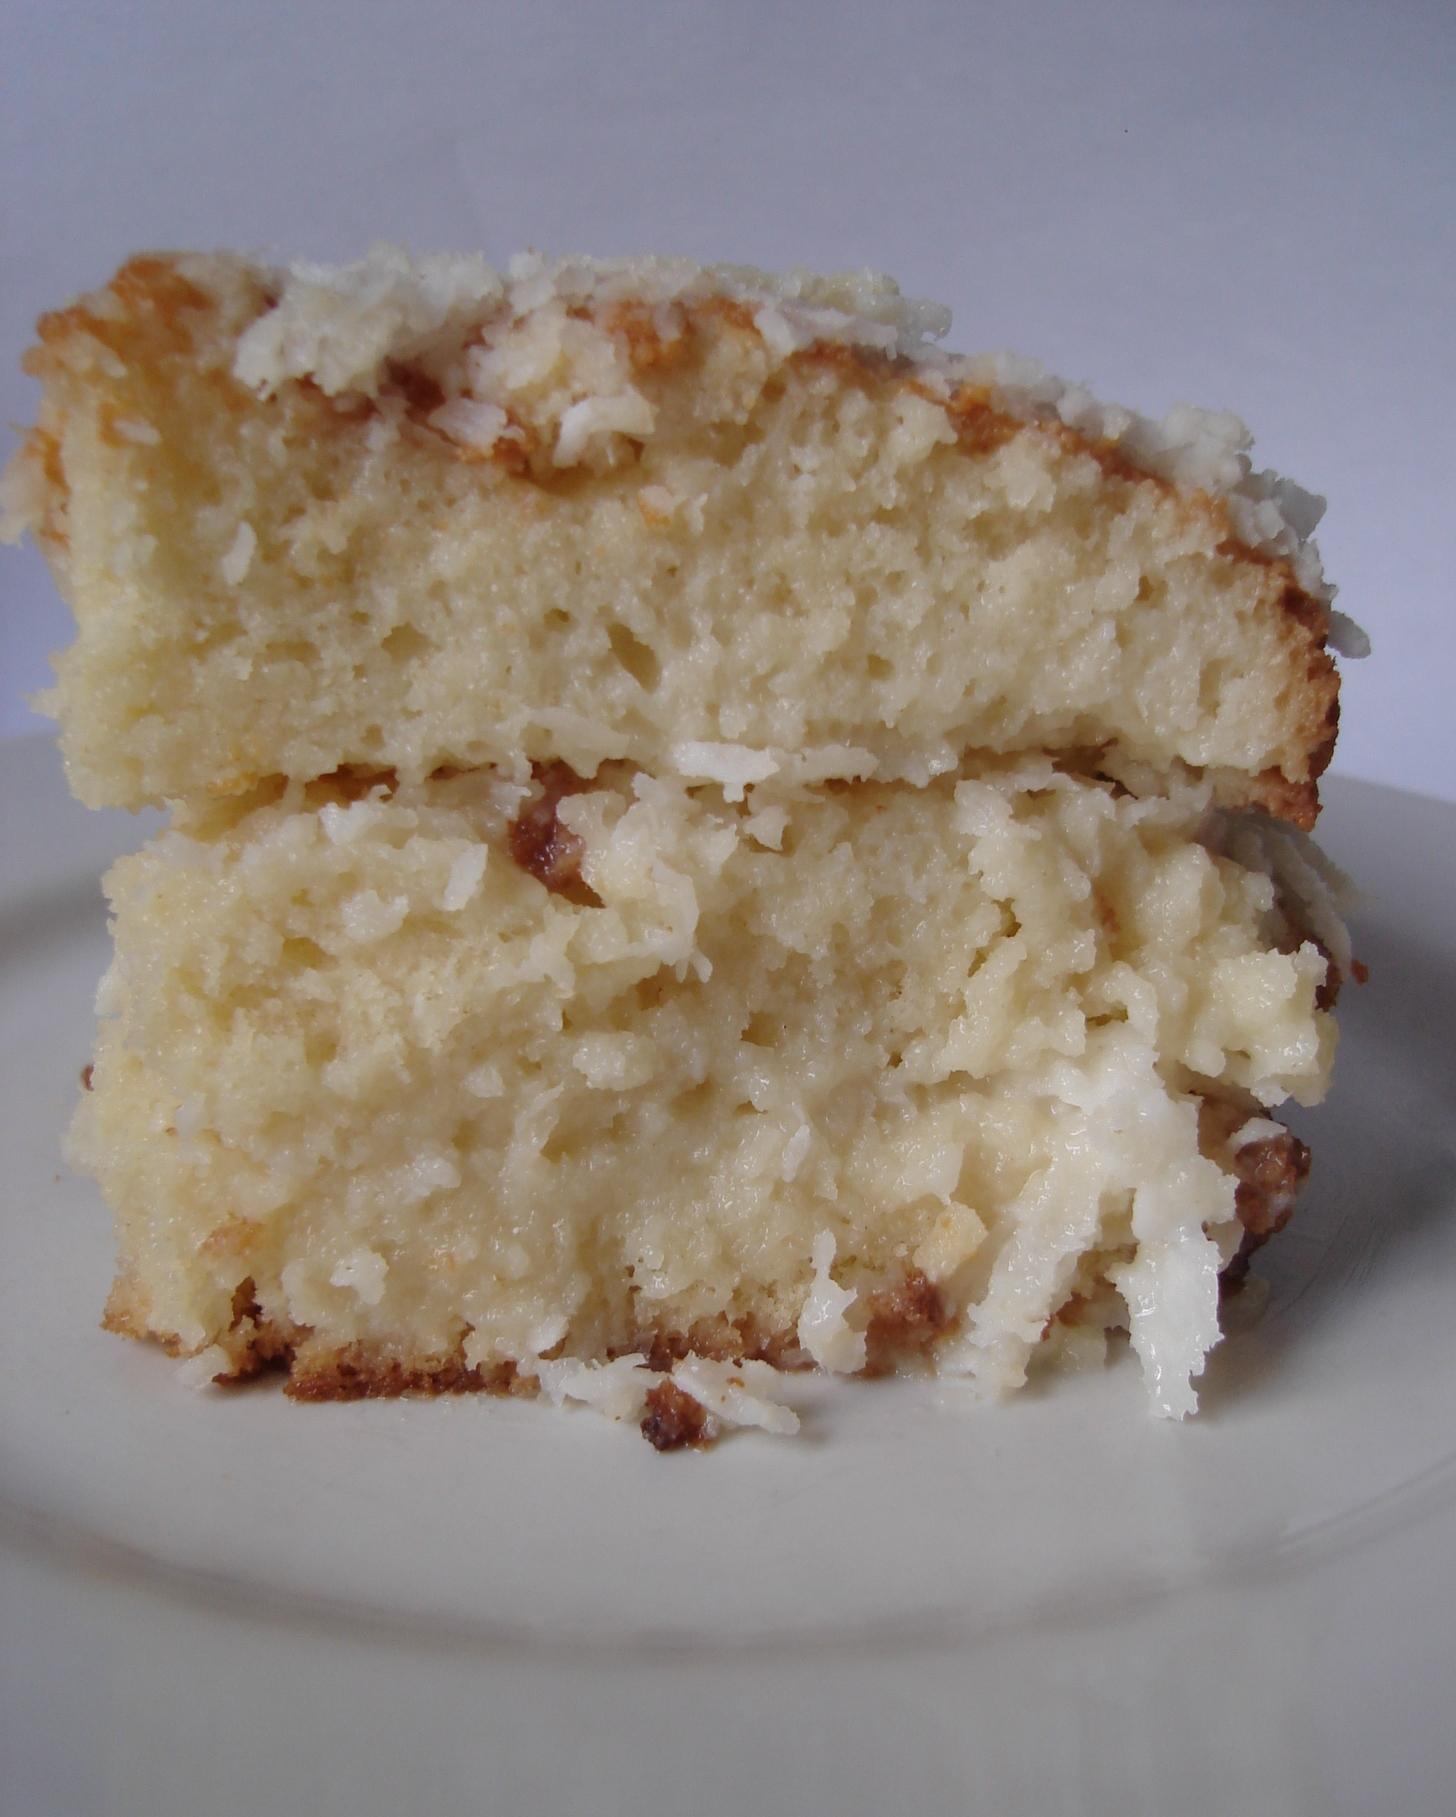 como deixar o bolo molhado depois de pronto